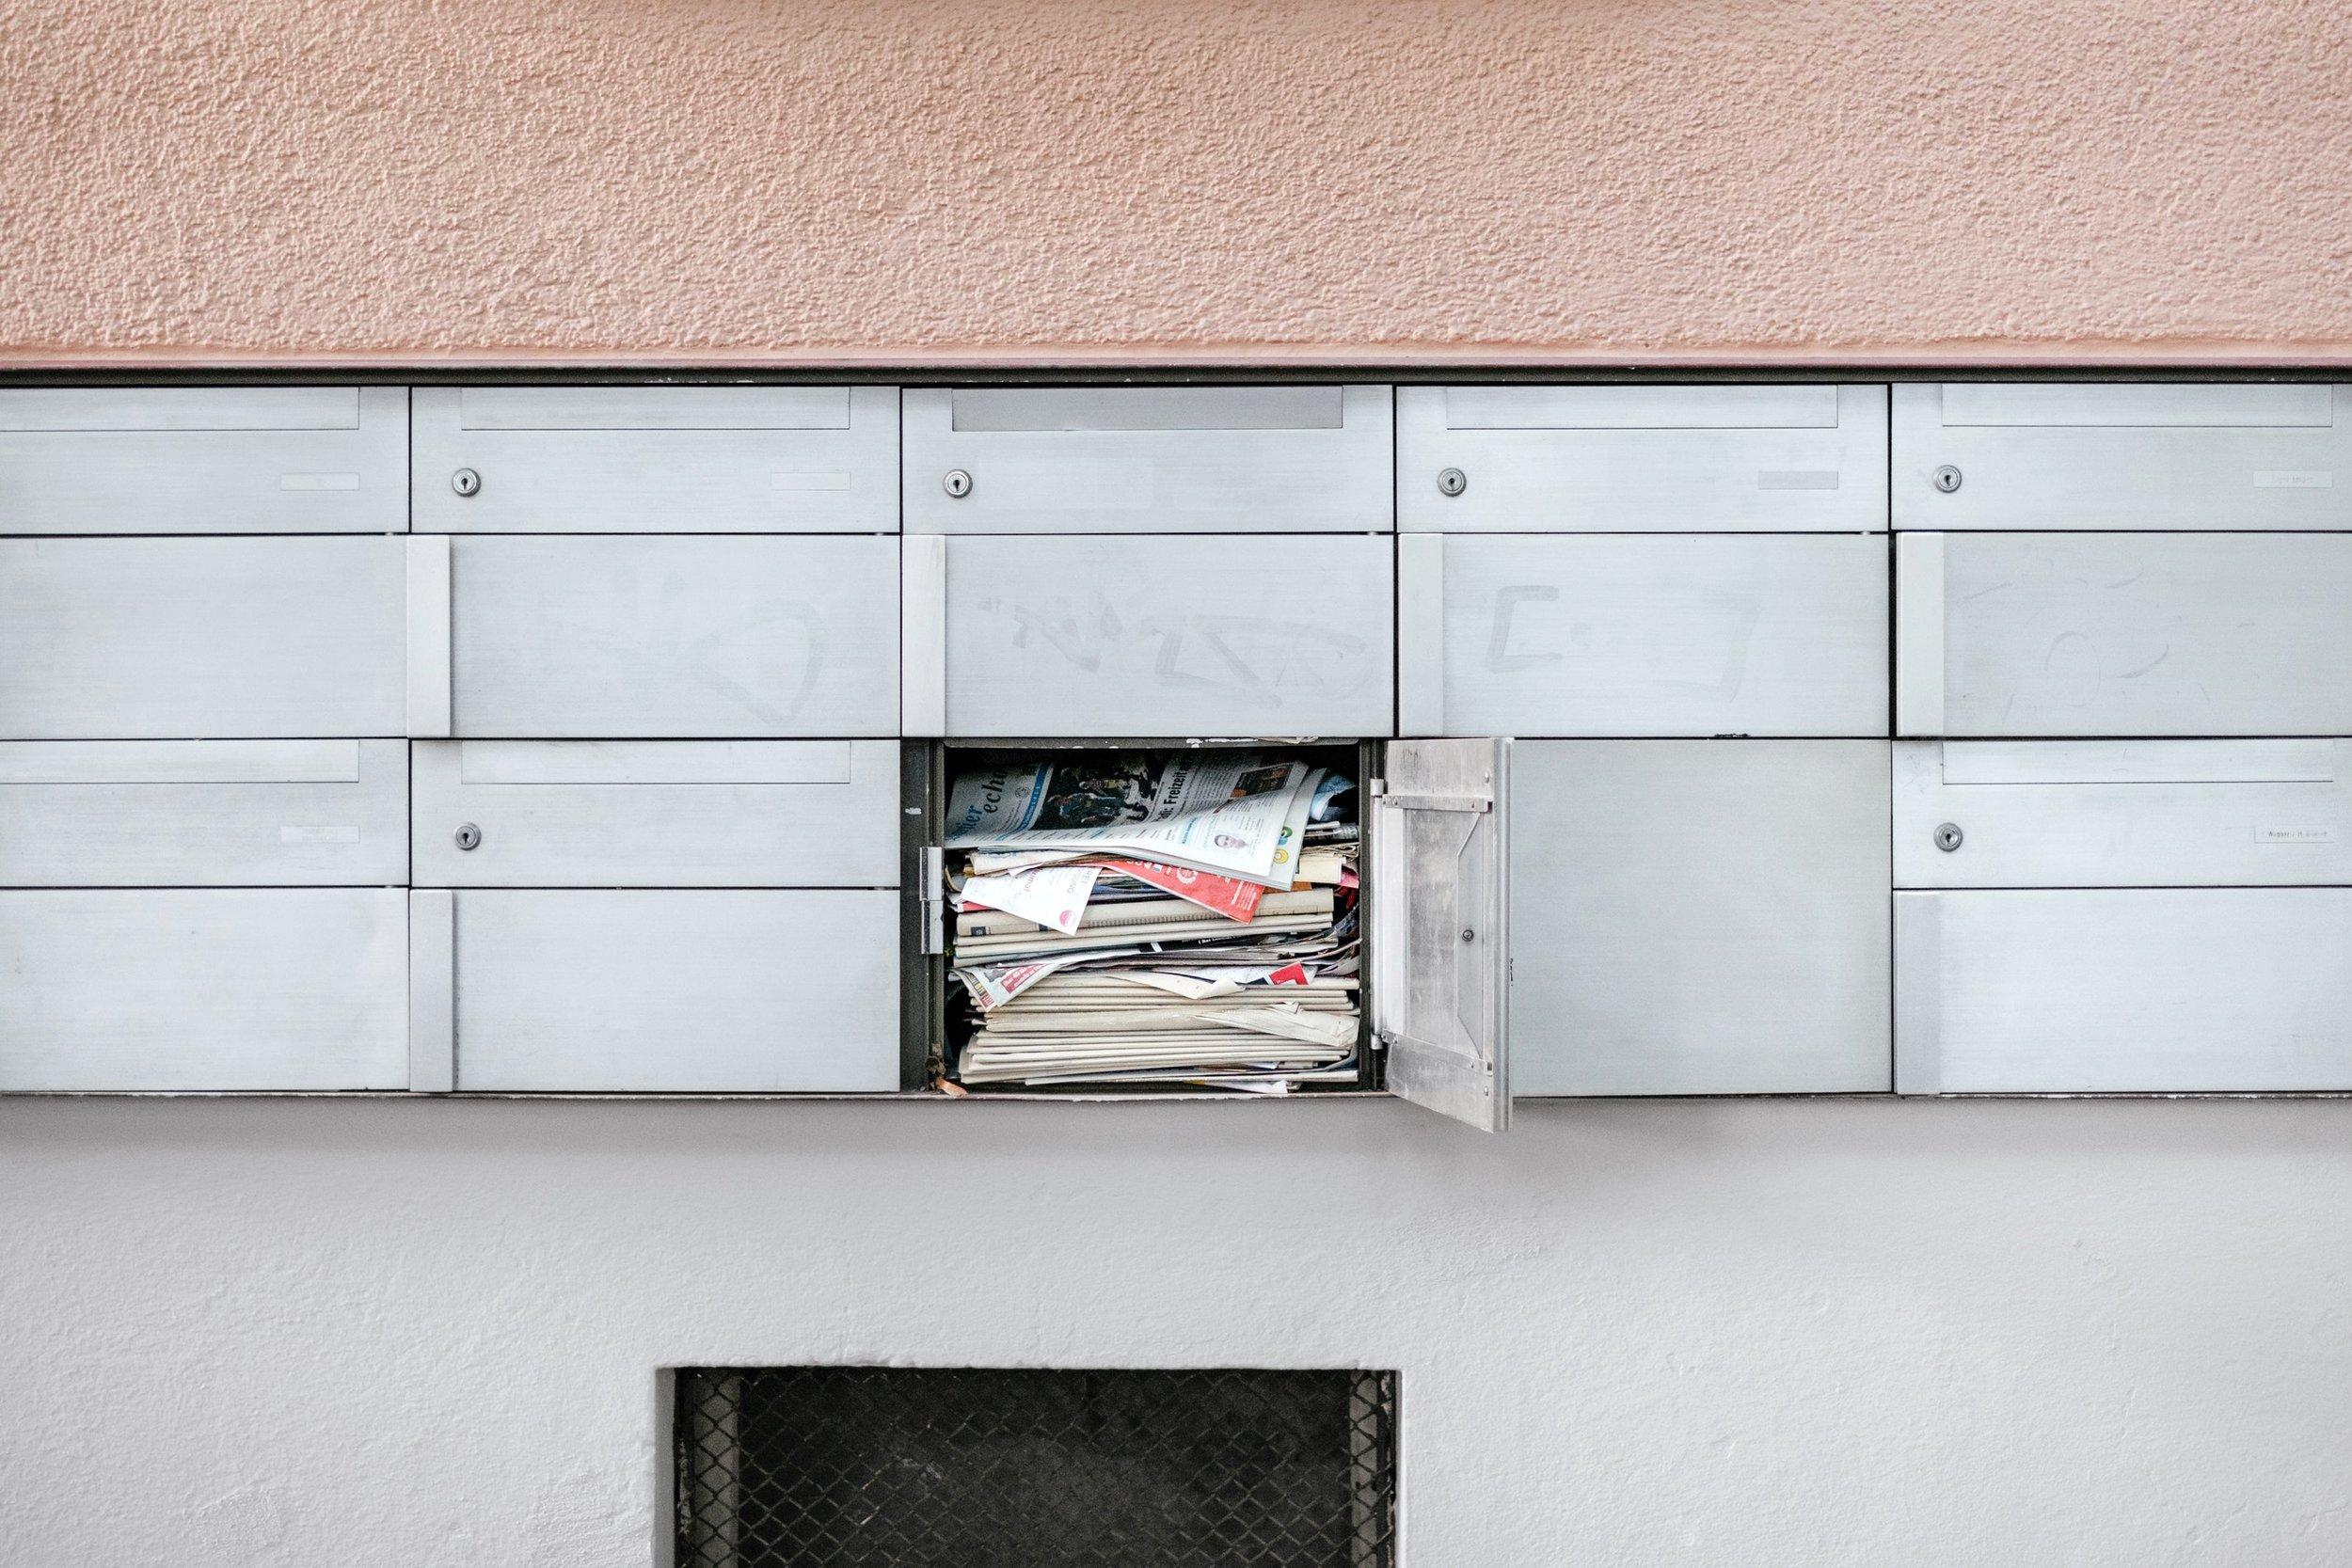 33kg Werbung - werden Dir jedes Jahr in Deinen Briefkasten geworfen. 90% davon wandern direkt in den Papierkorb.